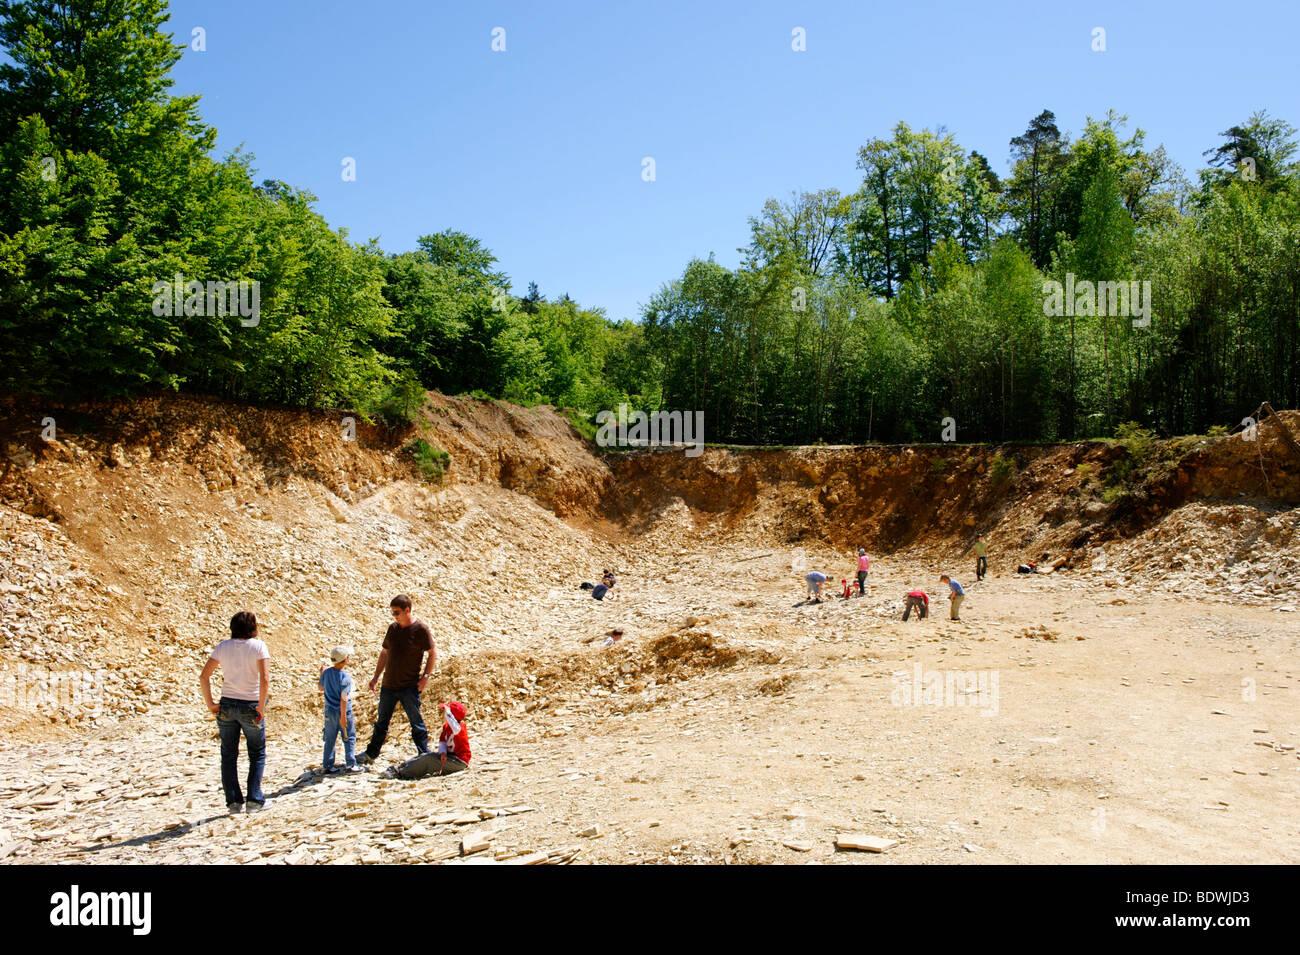 La ricerca di fossili zona cava di calcare per hobby collezionisti fossile nei pressi di Solnhofen nell'Altmuehl Immagini Stock